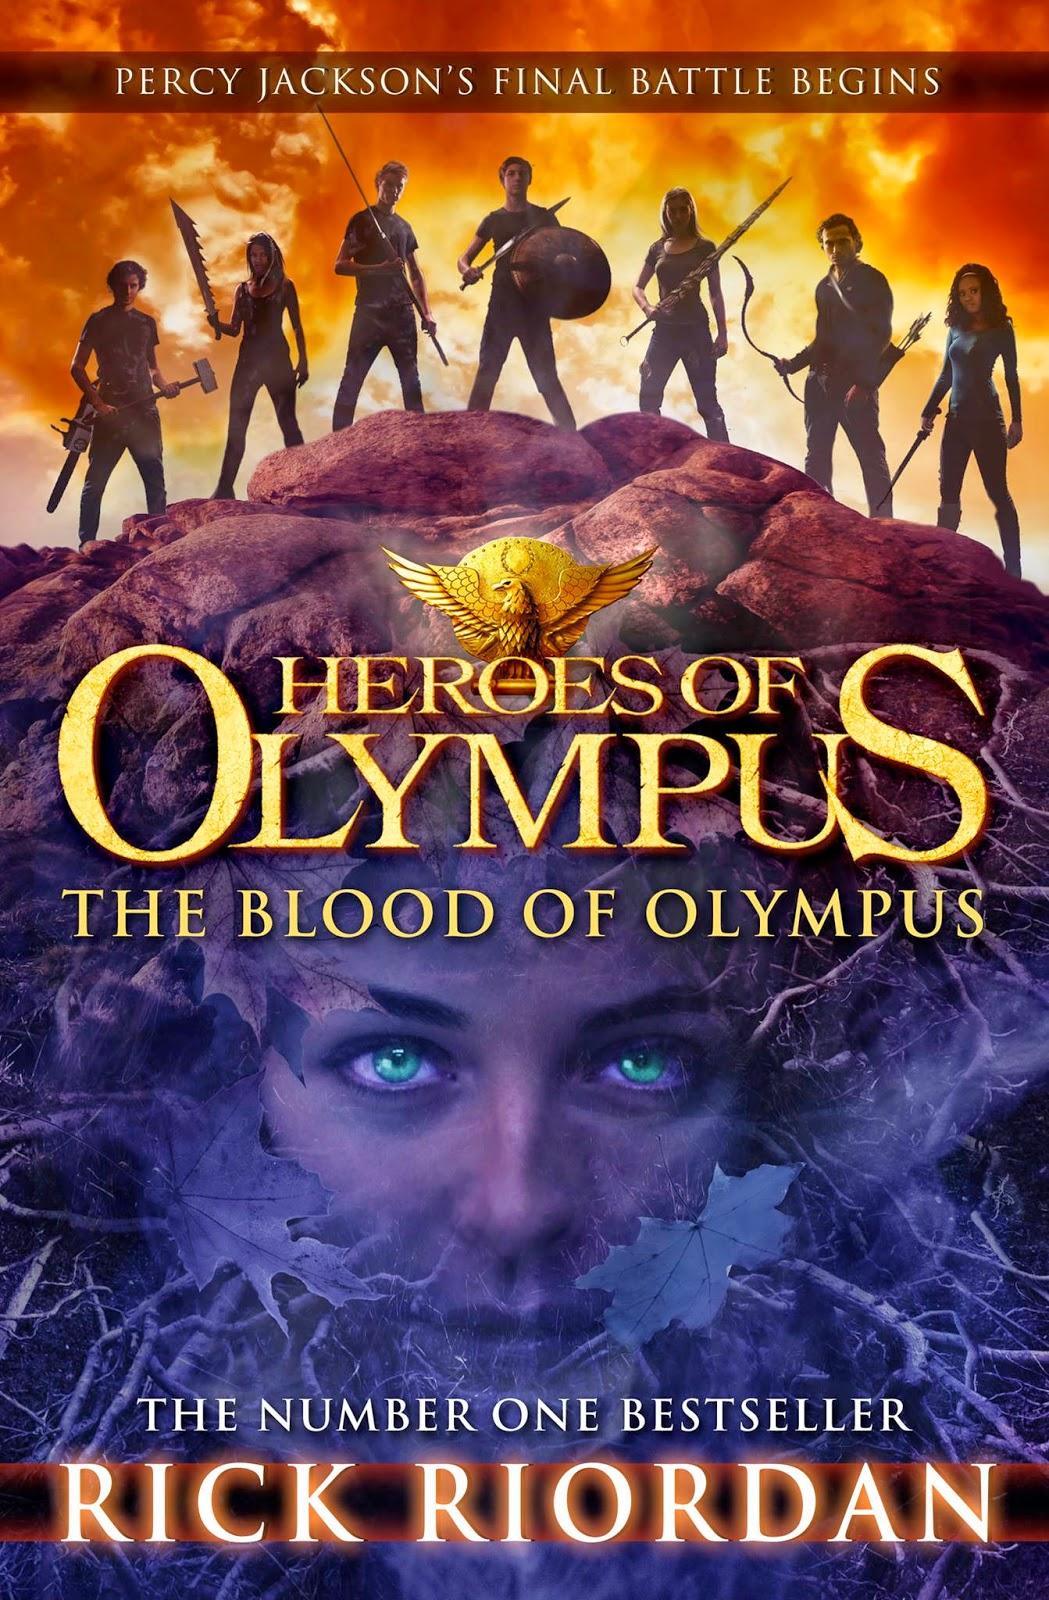 The Blood Of Olympus  Rick Riordan (book #5 In The Heroes Of Olympus  Series) (071014  091014)